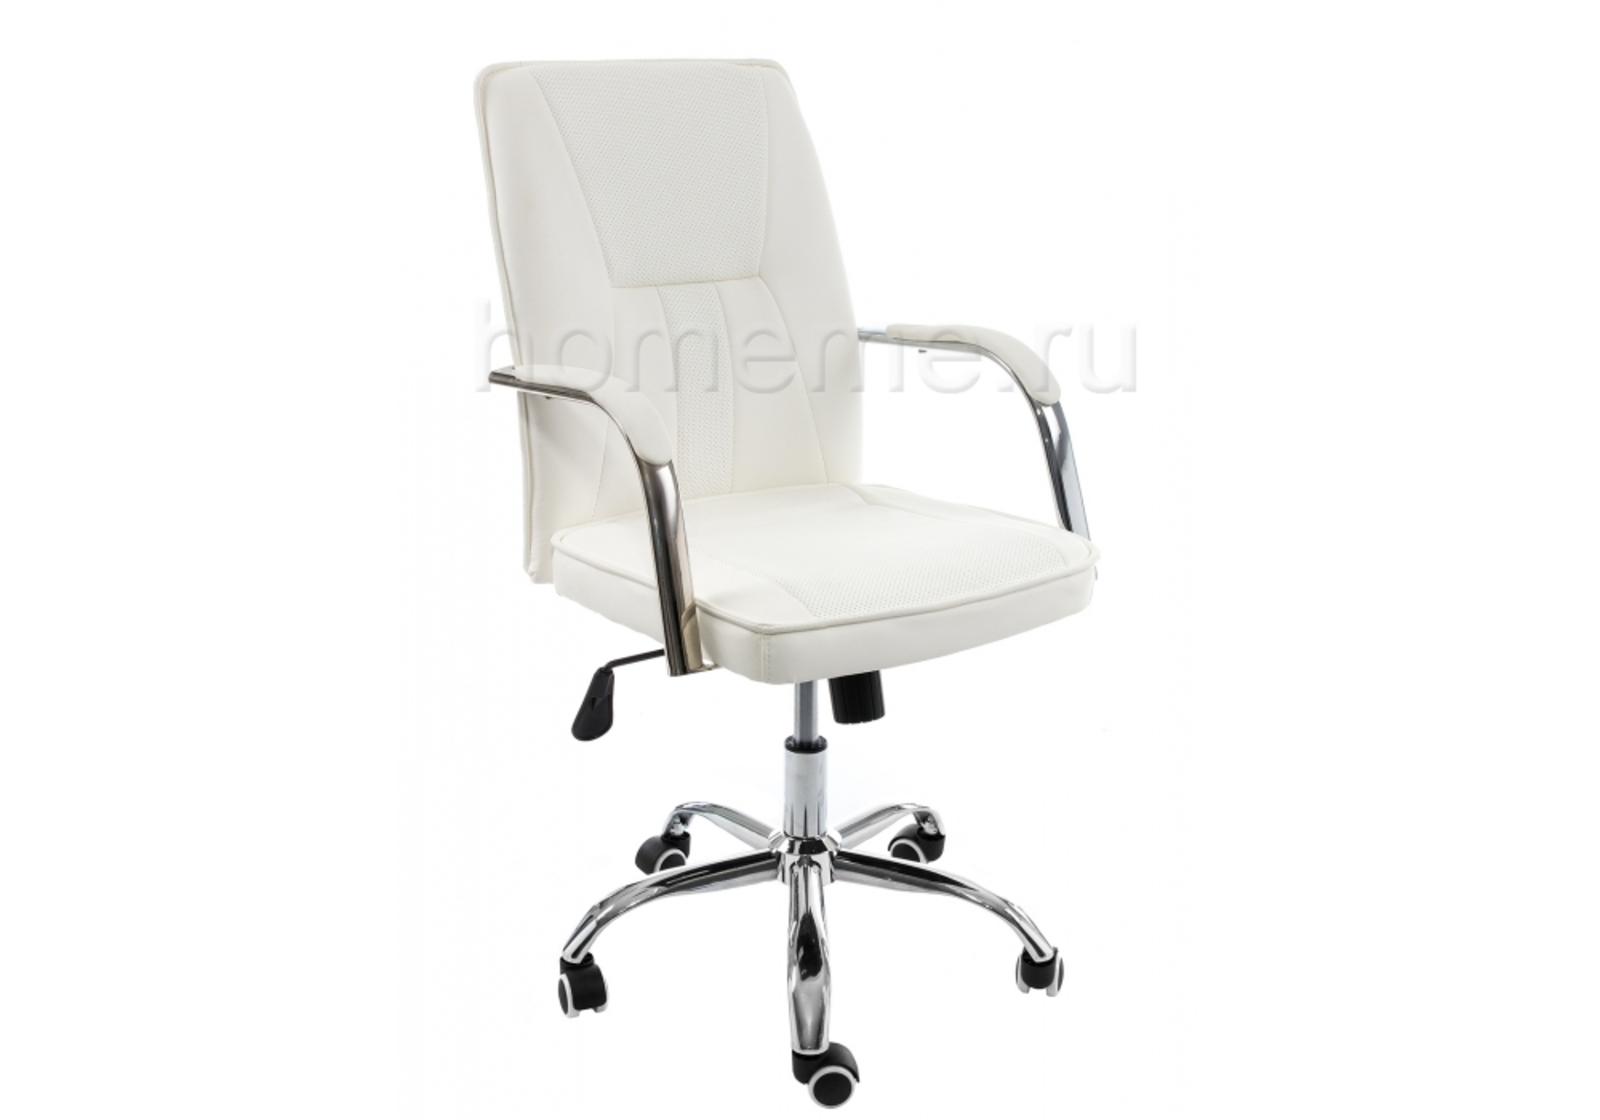 Кресло для офиса HomeMe Компьютерное кресло Nadir белое 11063 от Homeme.ru